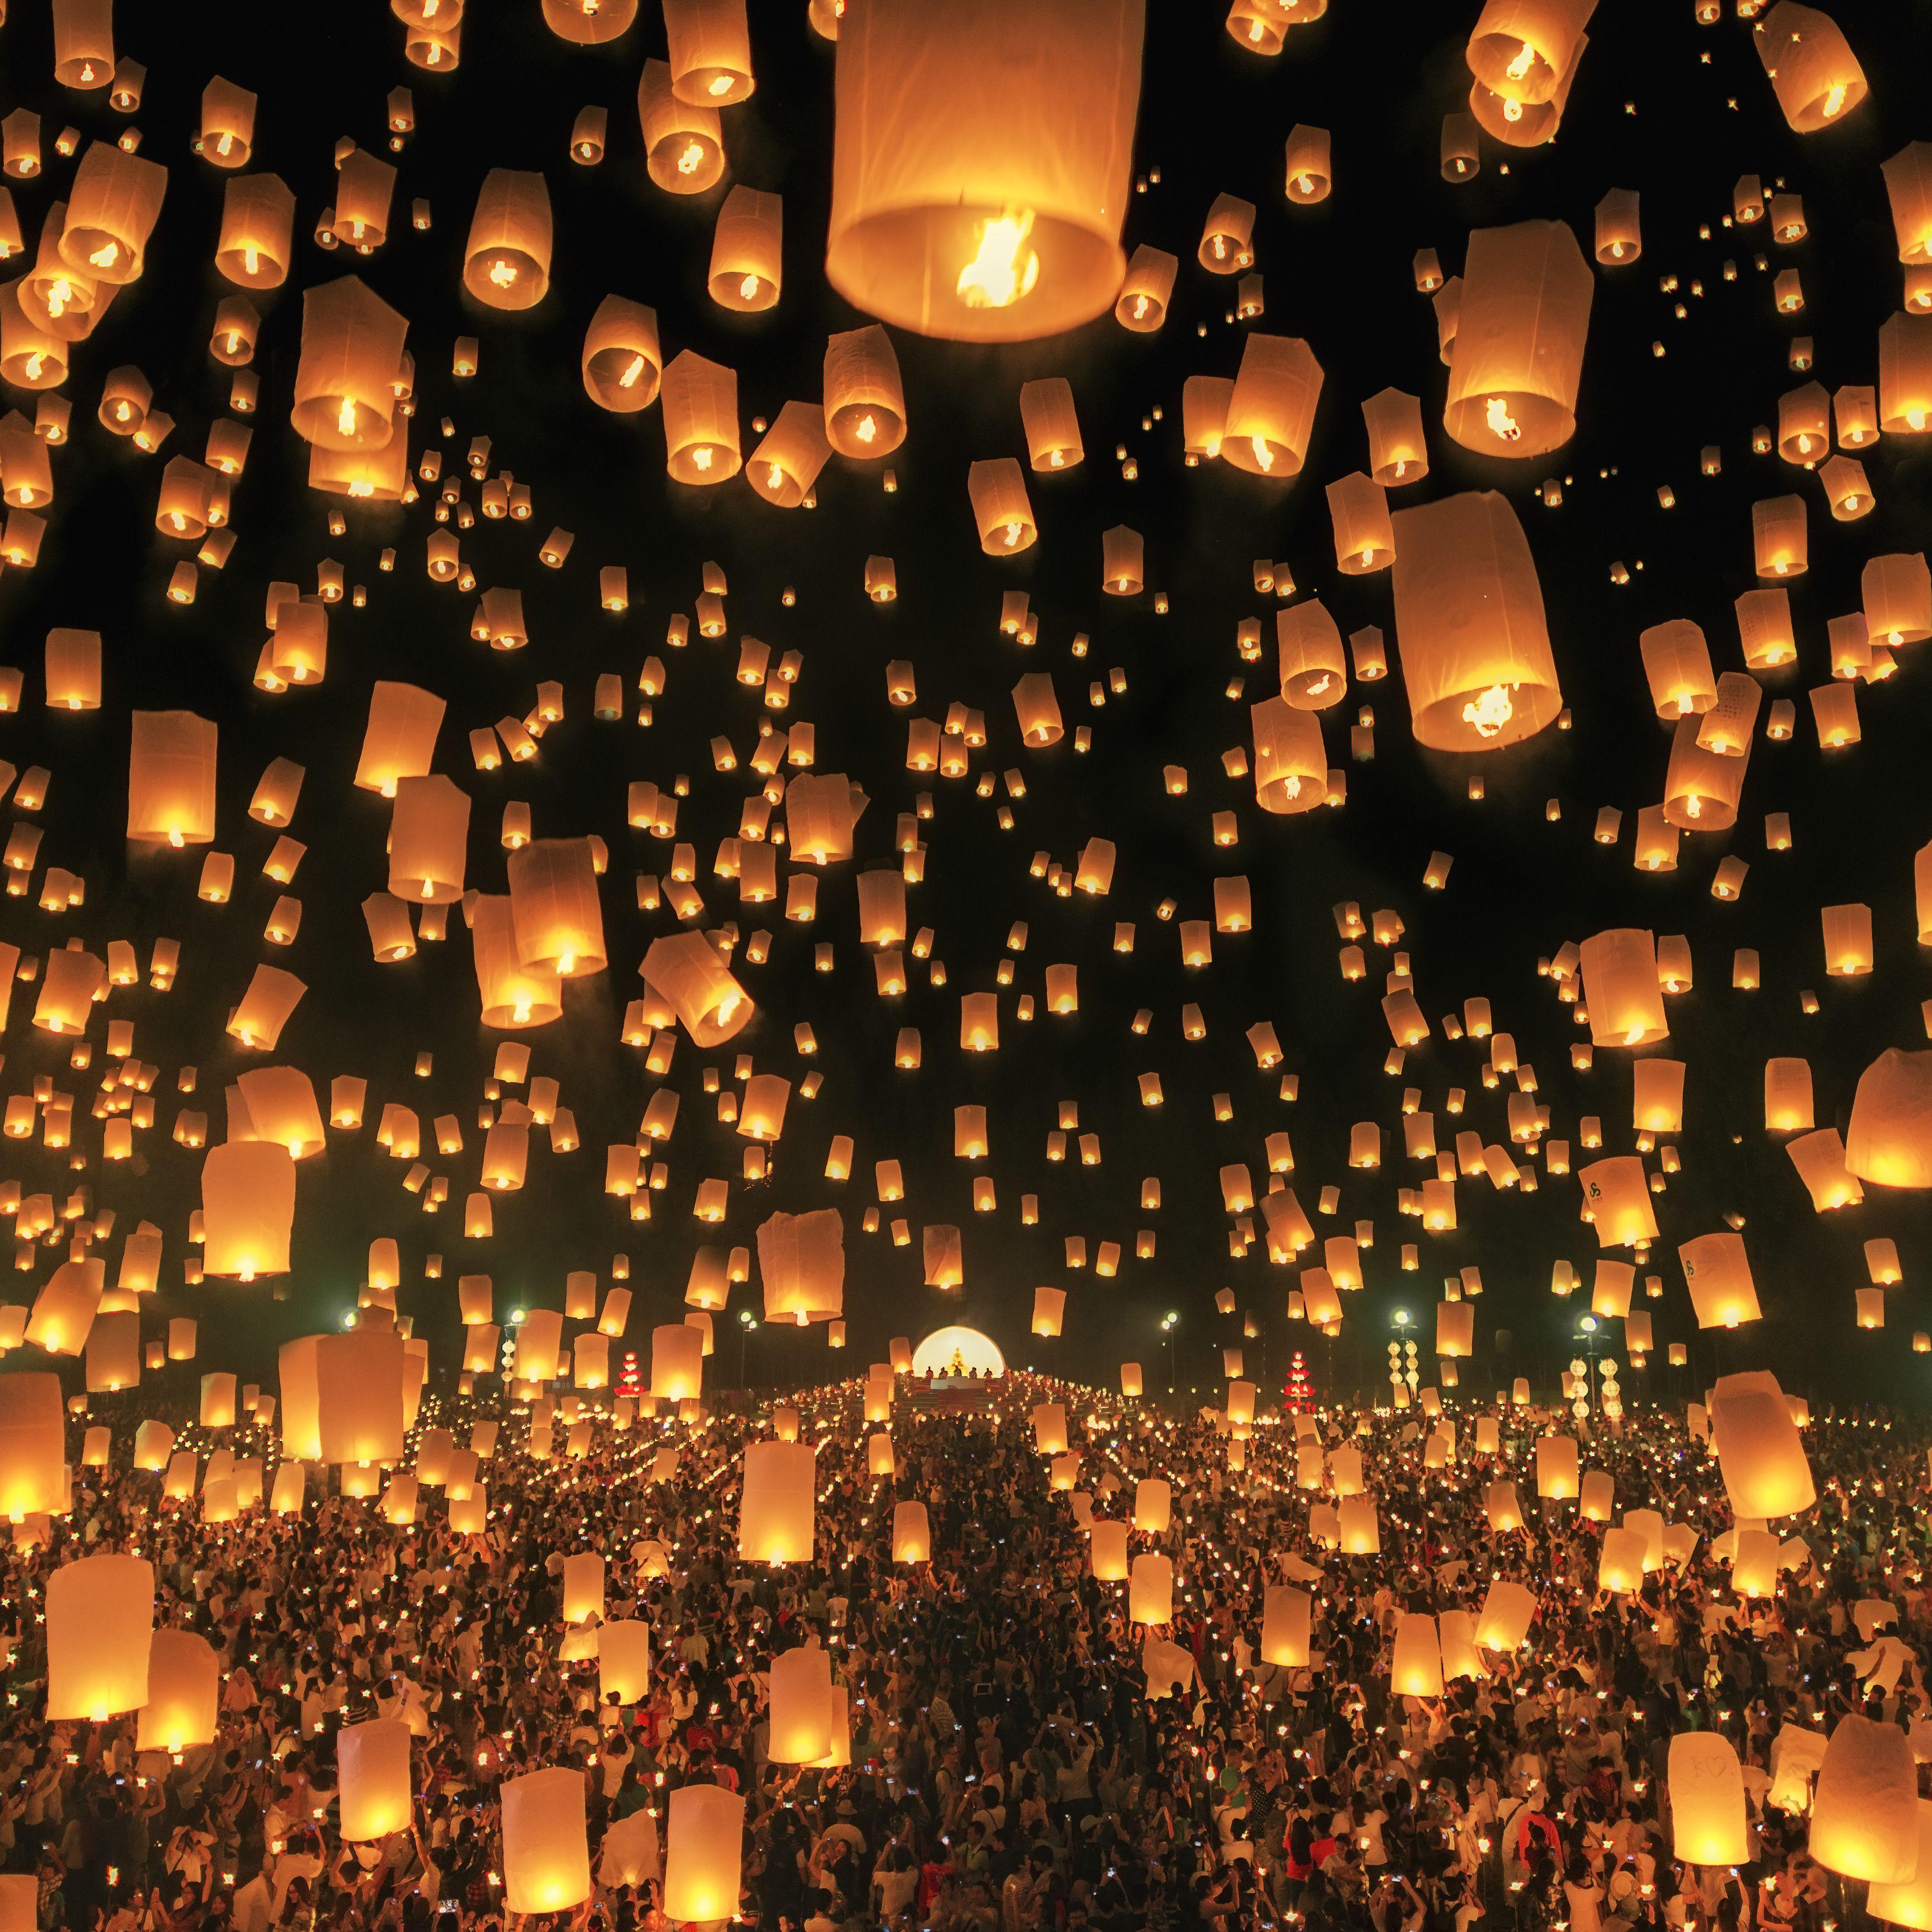 The Loi Krathong Festival In Thailand